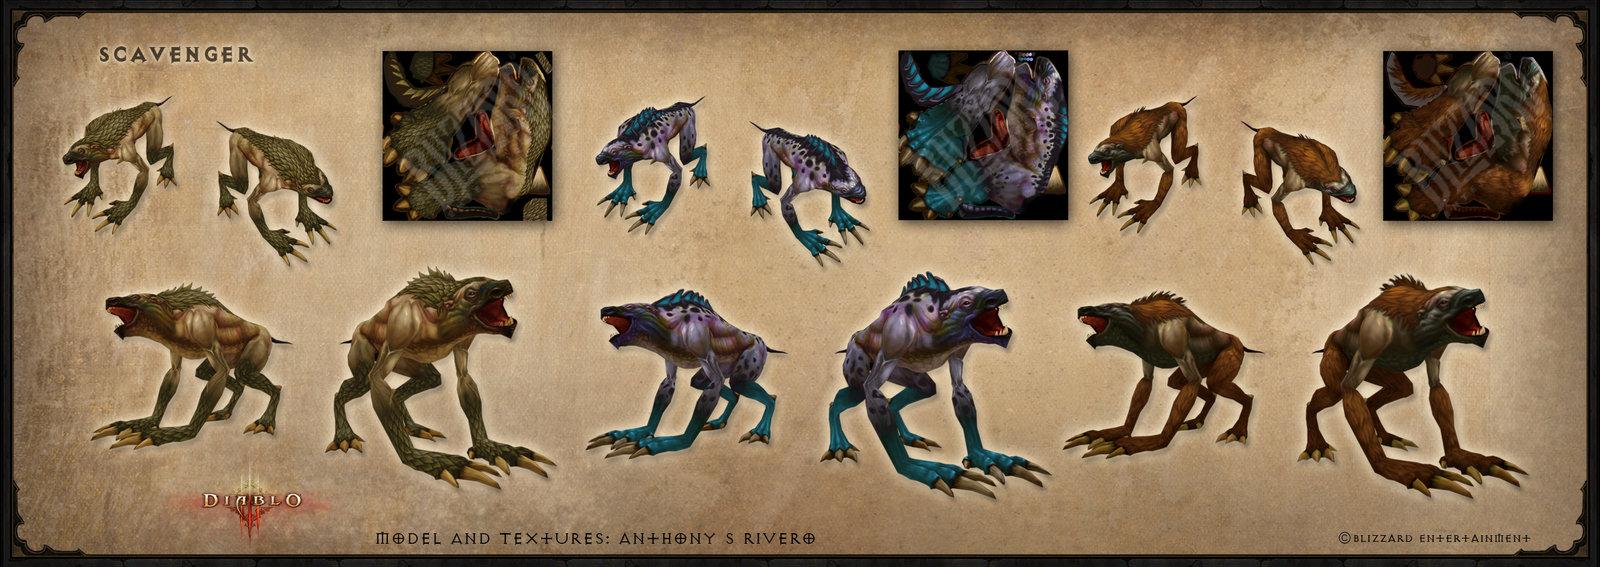 Diablo 3 Scavenger